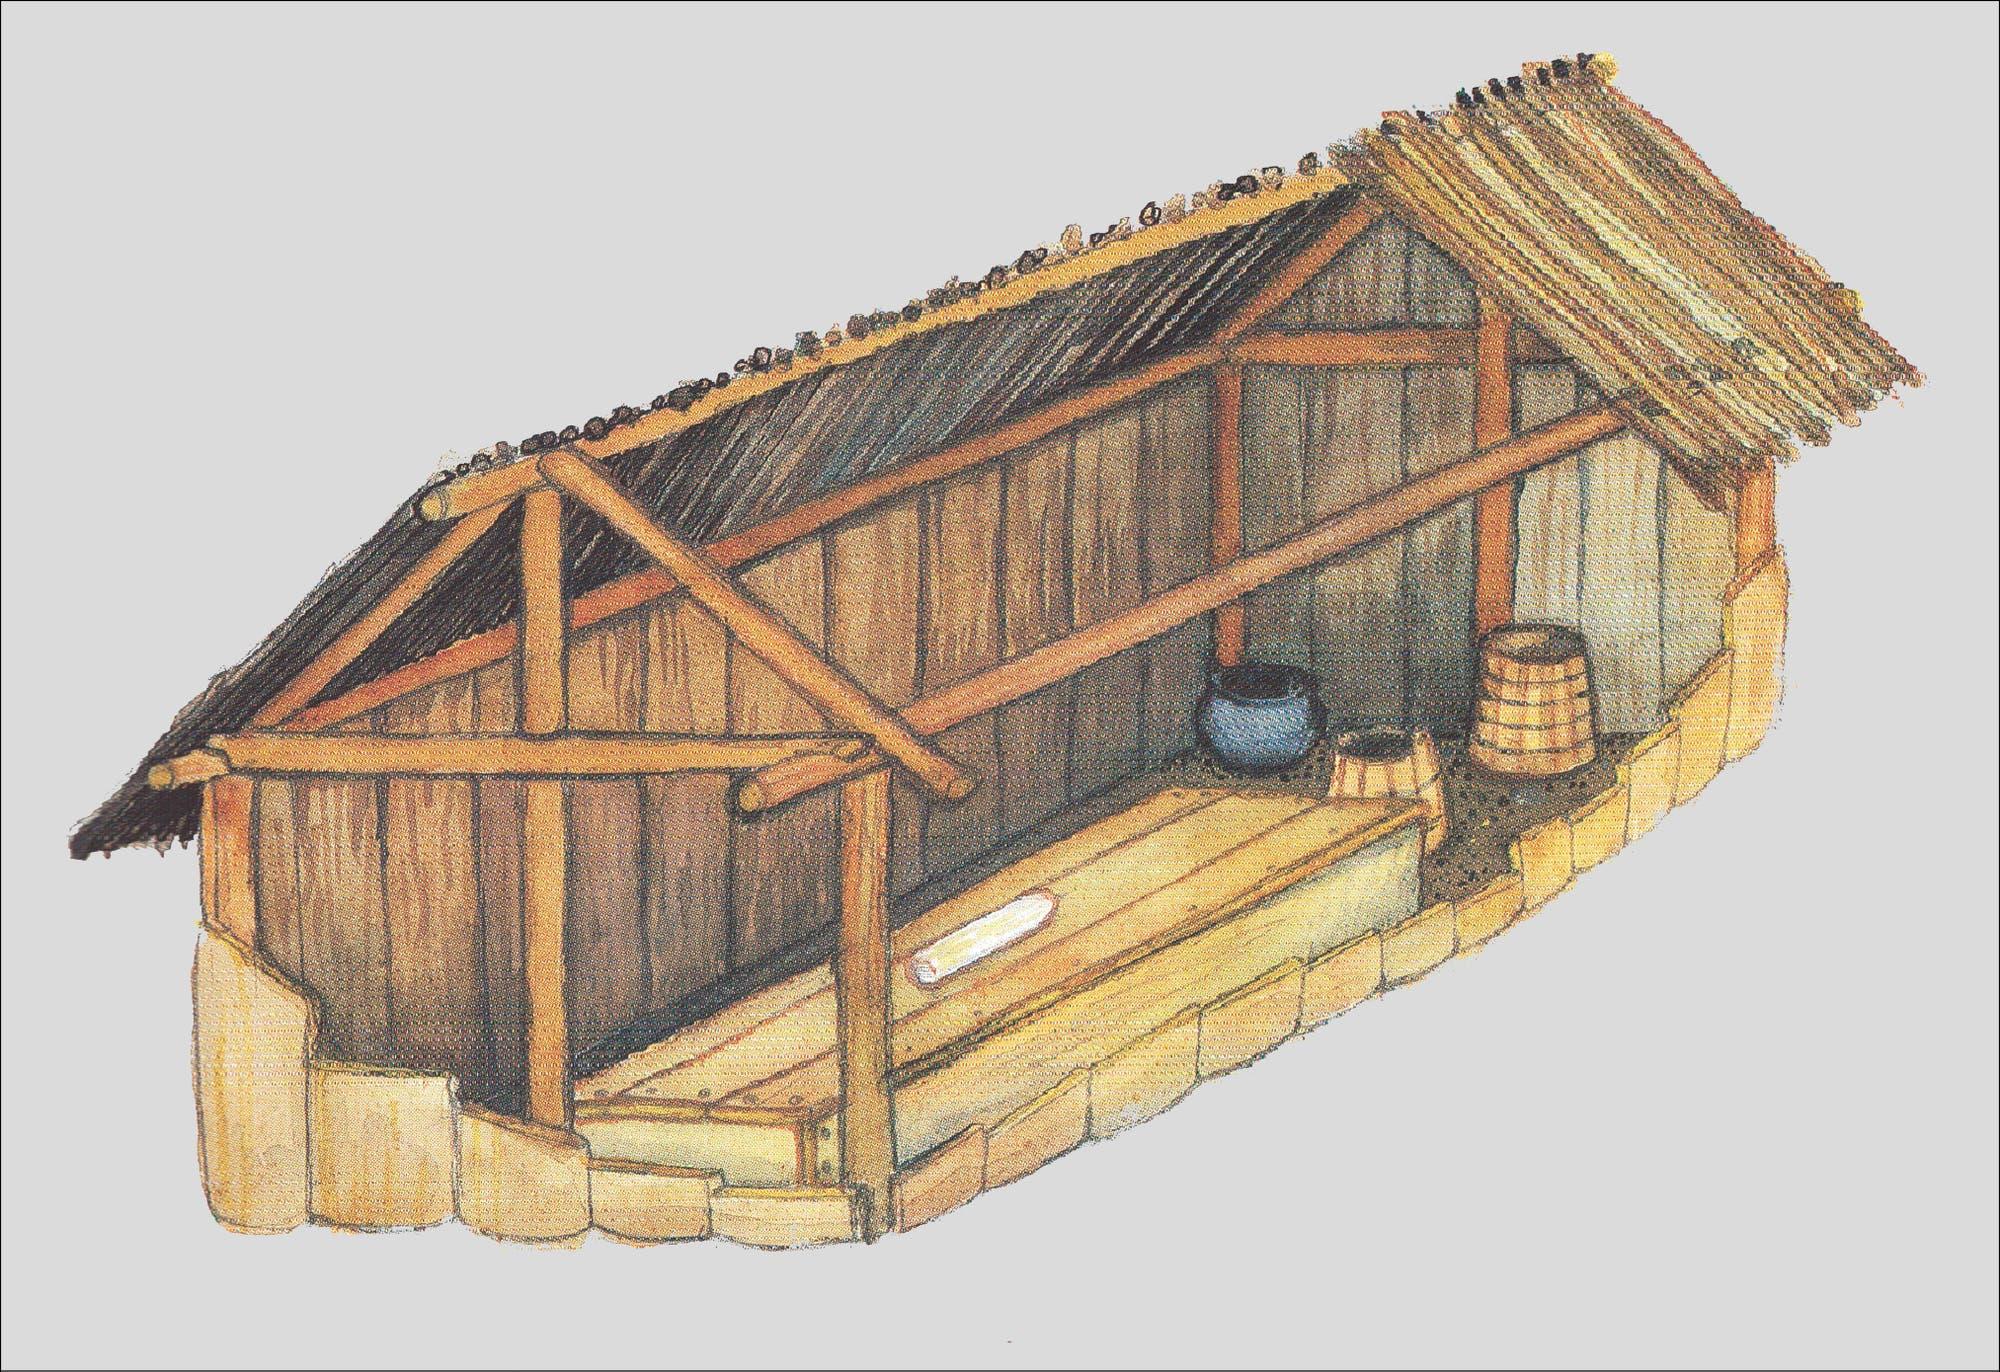 Die Grabkammer glich mit ihrem Giebeldach einem Haus